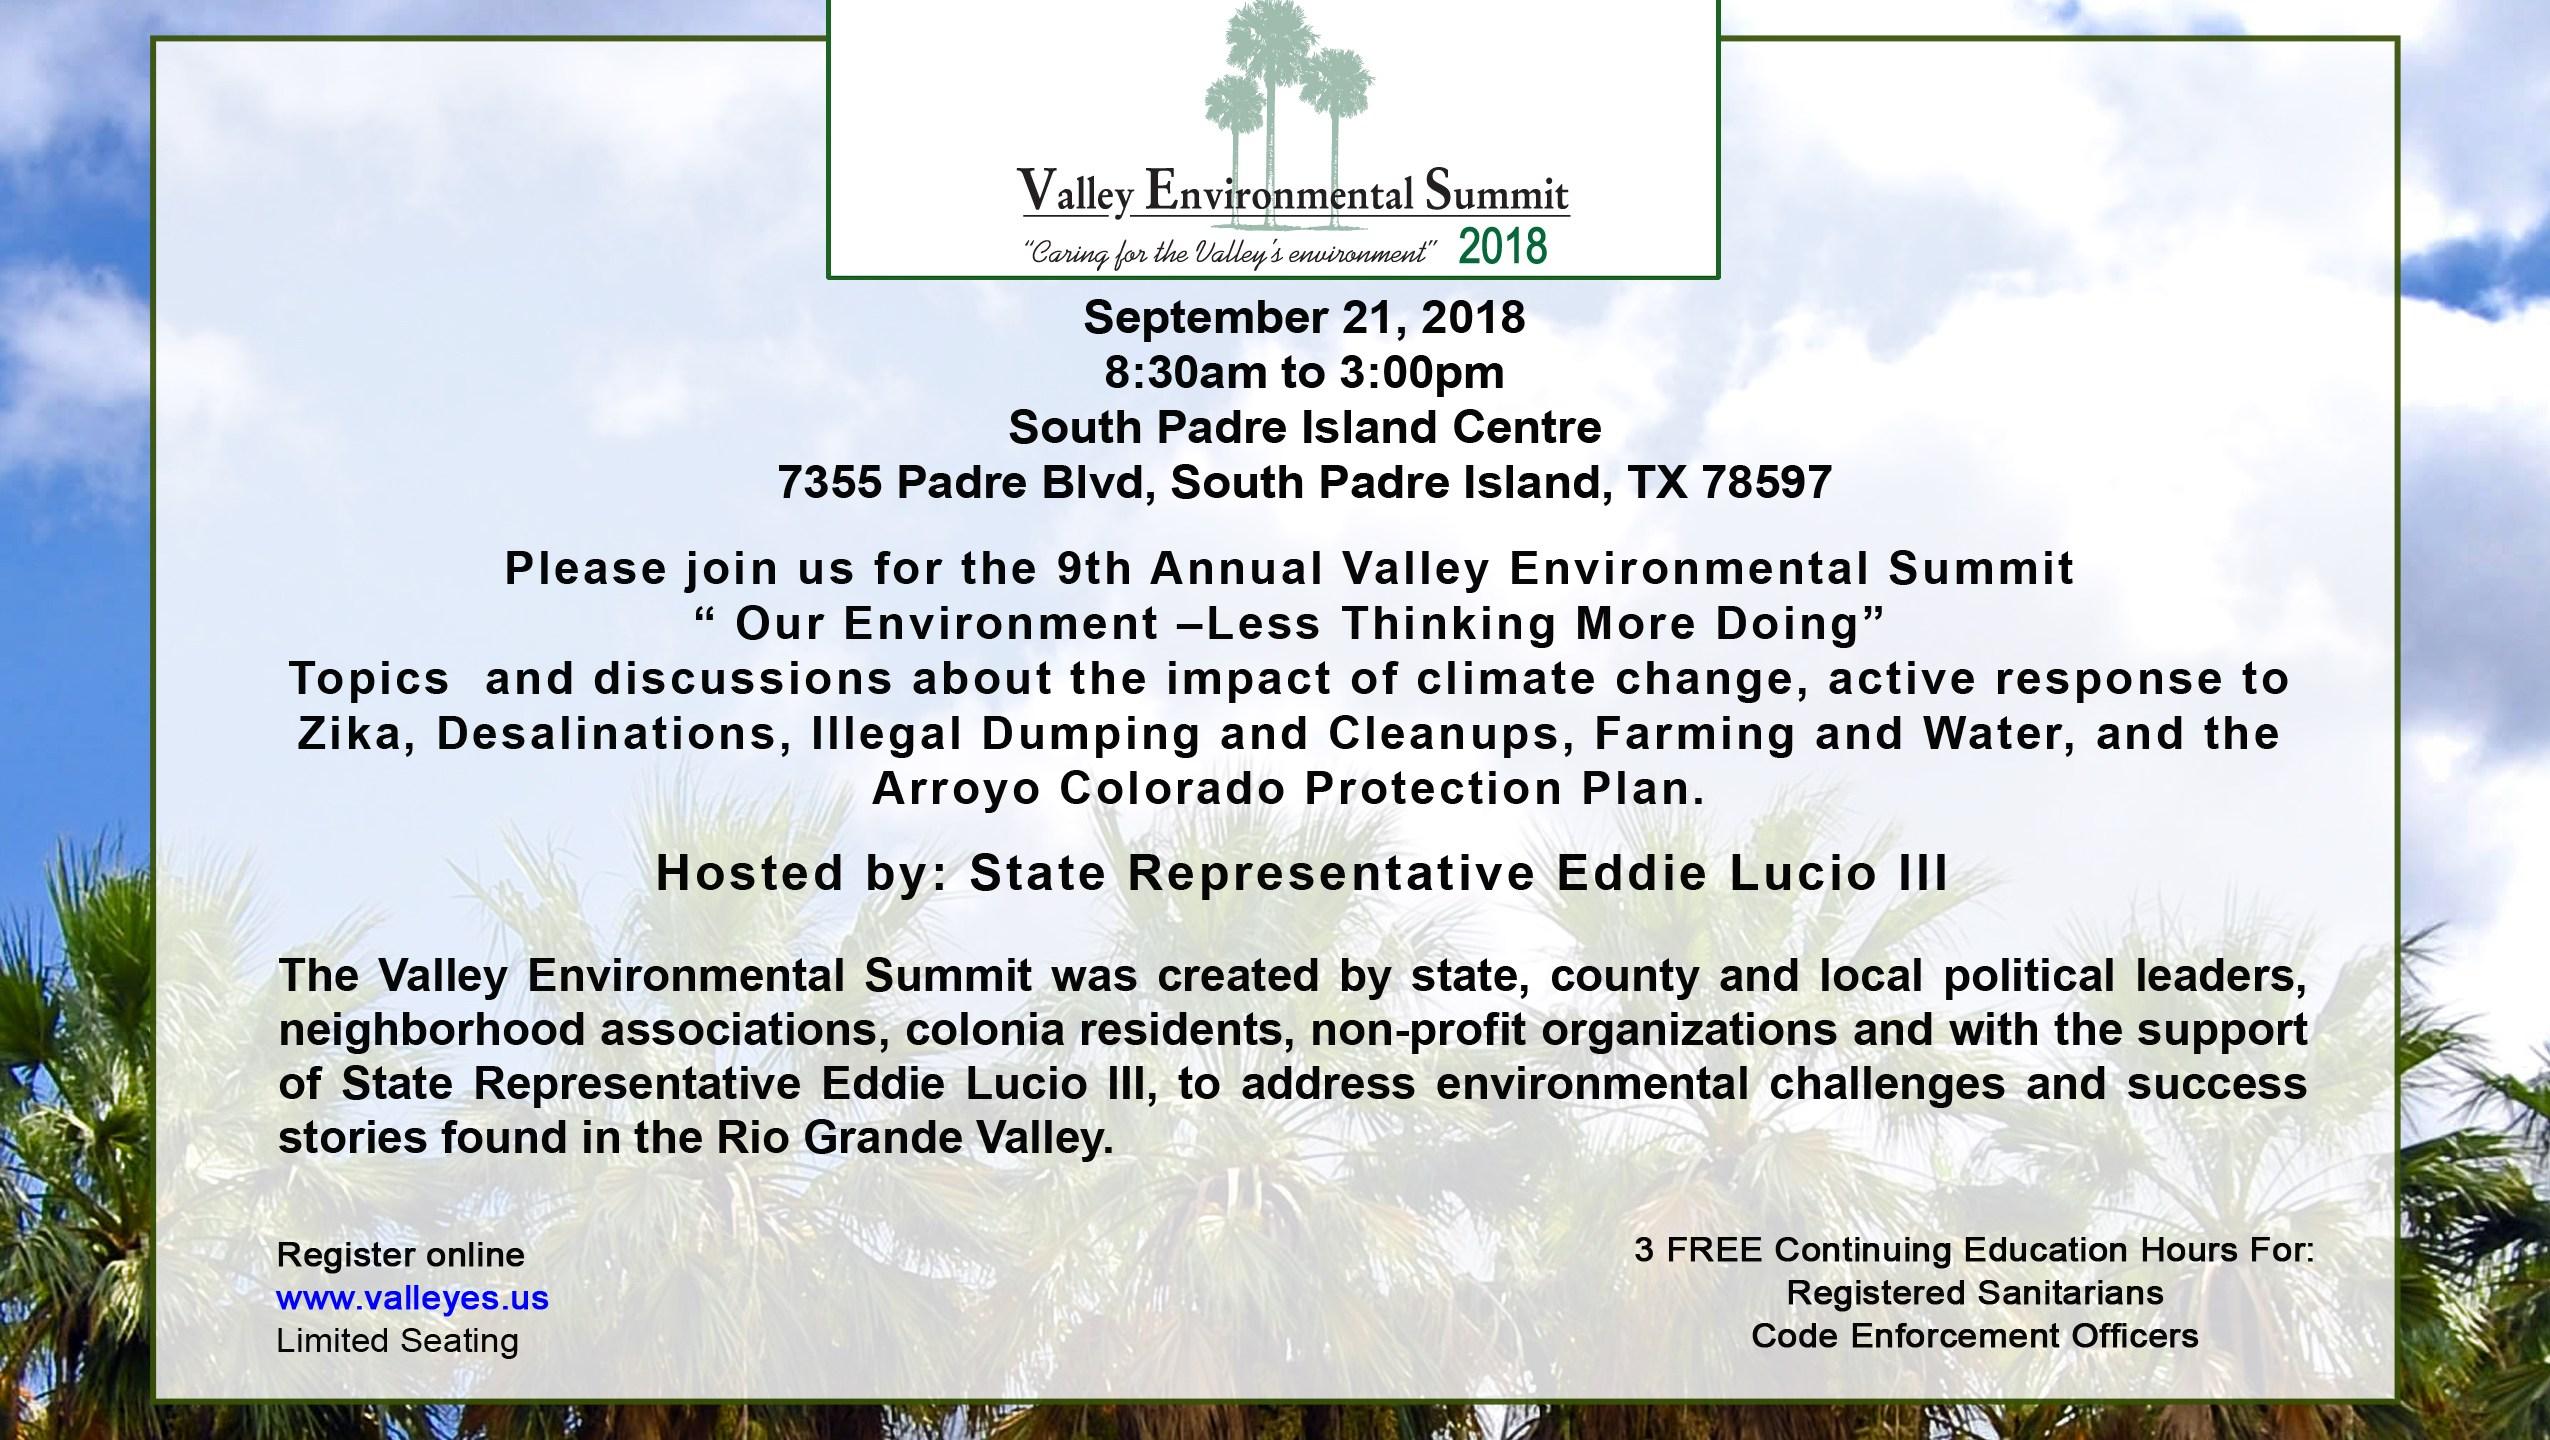 Valley Environmental Summit 2018 invitation_1534956796243.jpg.jpg